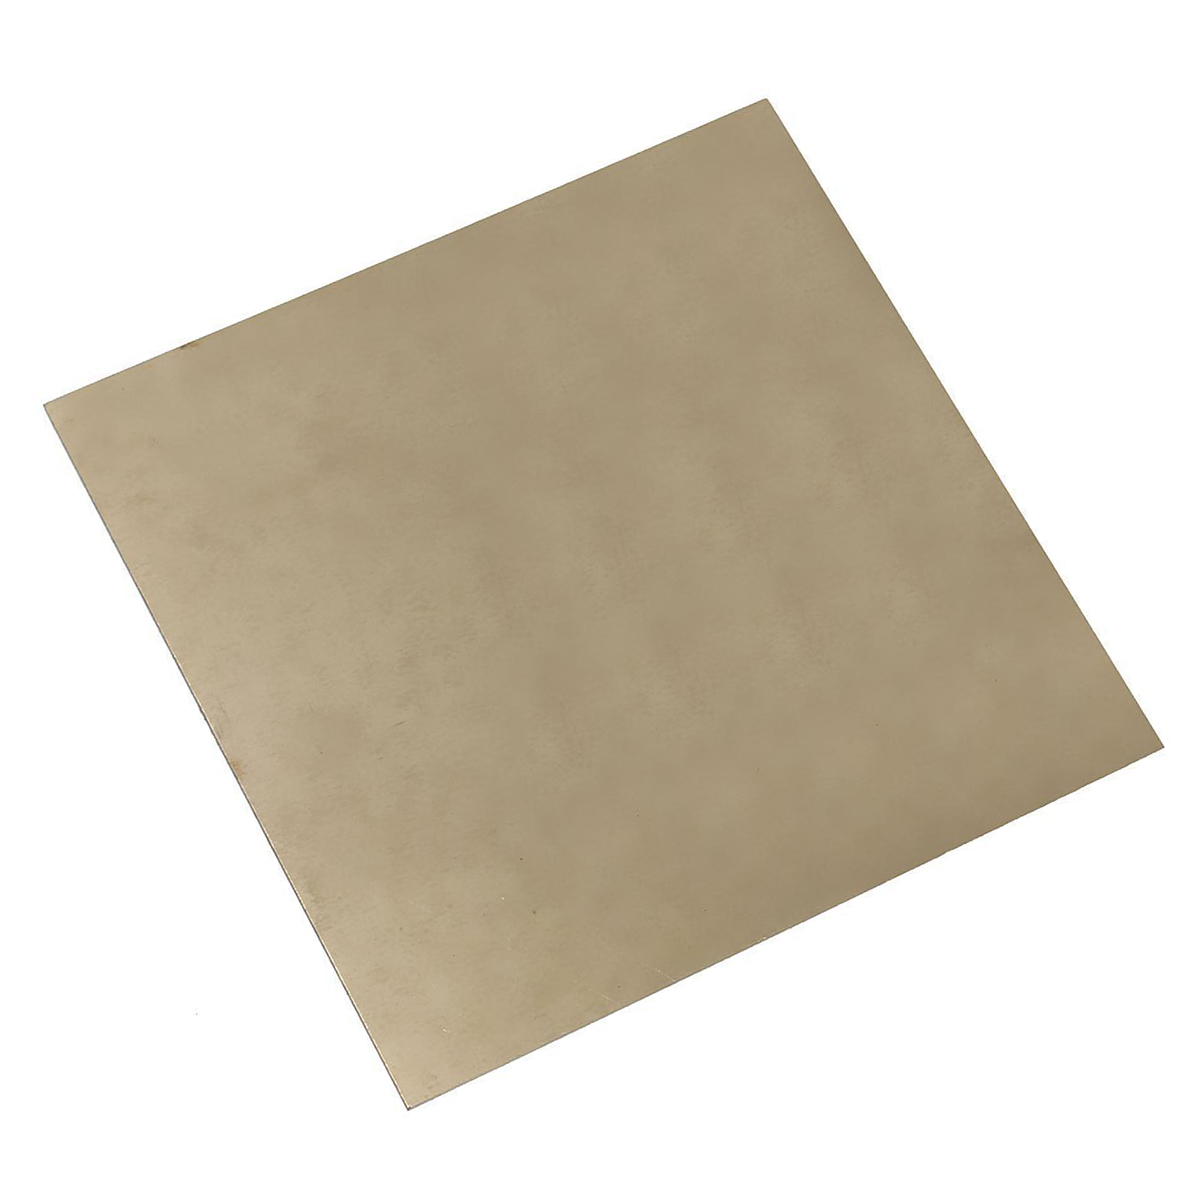 1pc Grade 2 Titanium Sheet High Strength Ti Titan TA2 / GR2 Thin Plate Titanium Foil for Aerospace Marine Industry 100*100*0.5mm 0 1x200x800mm titanium alloy strip uns gr5 tc4 bt6 tap6400 titanium ti foil thin sheet industry or diy material free shipping